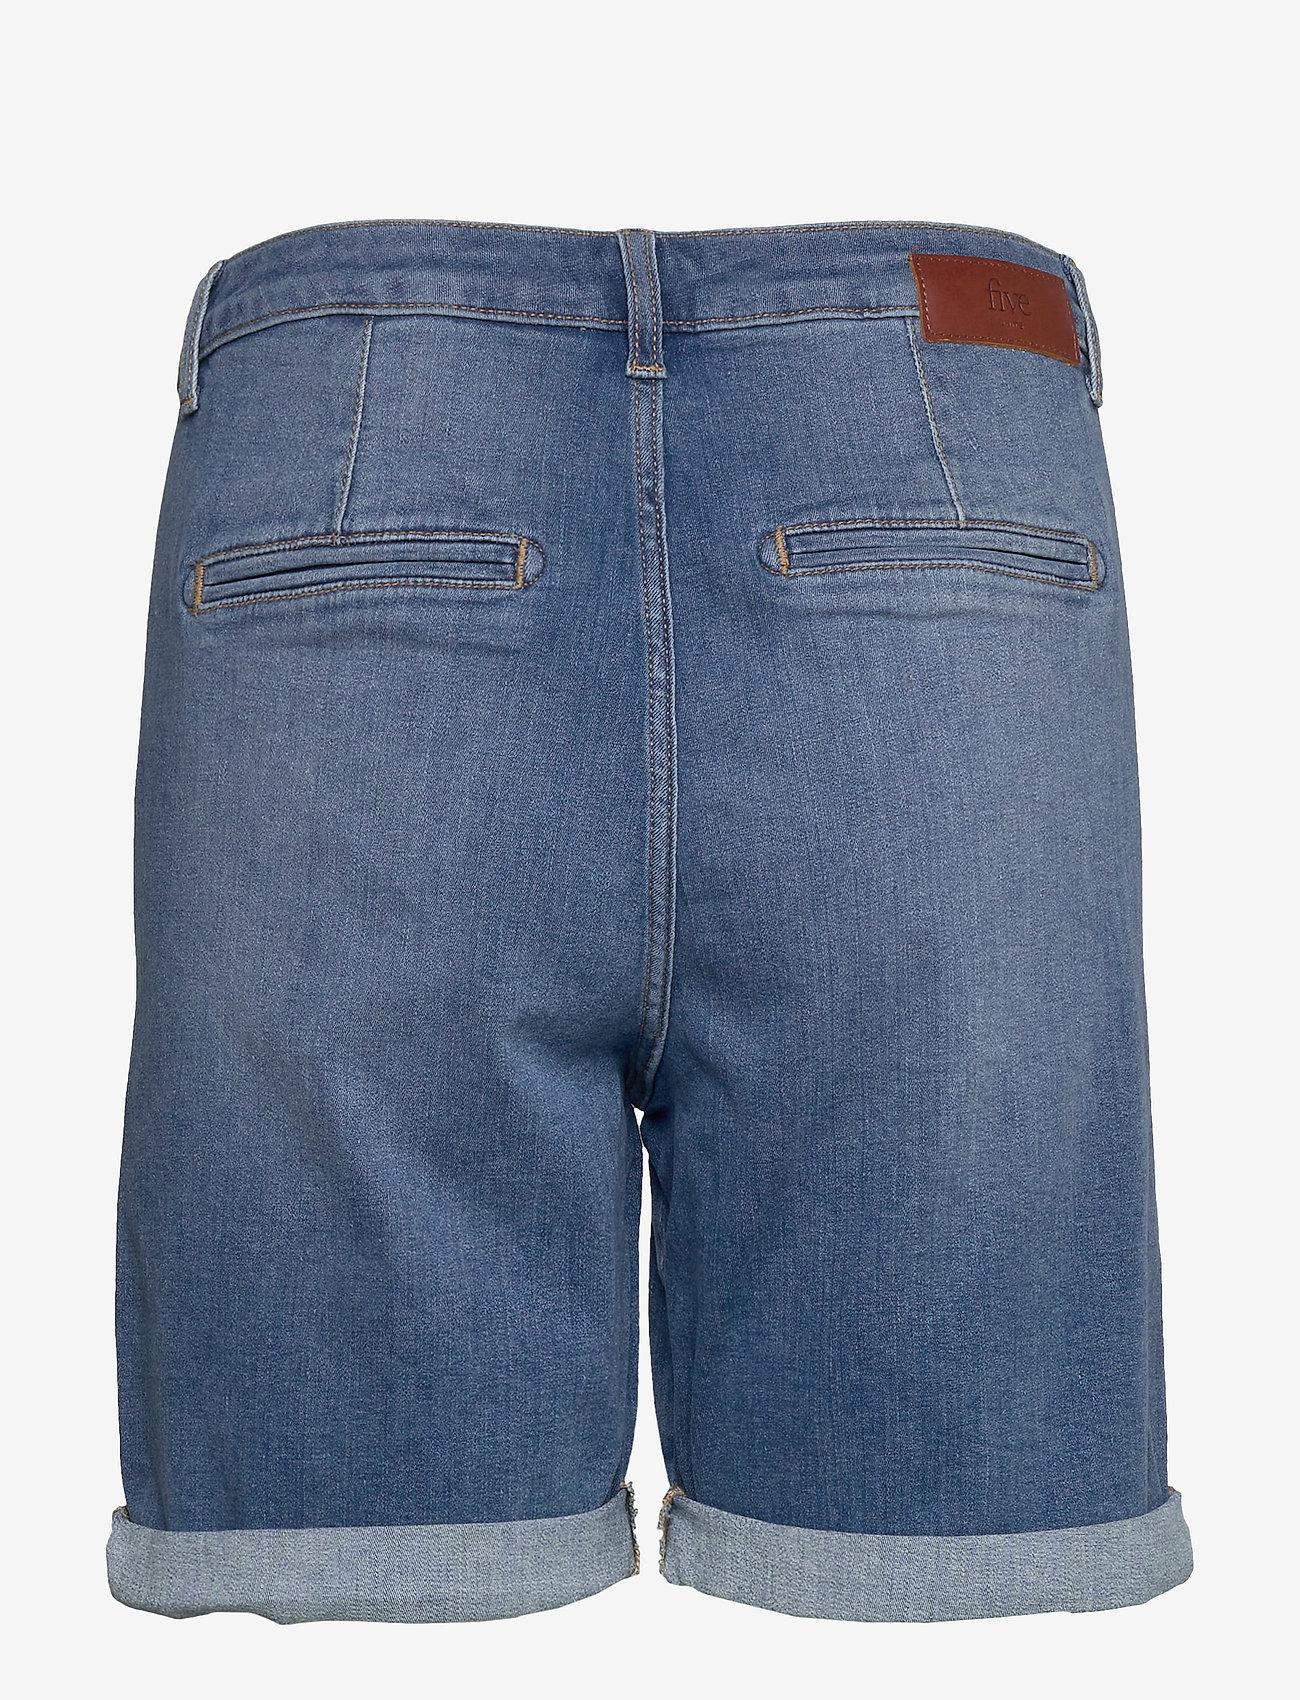 Fiveunits Jolie 455 Drifter - Shorts